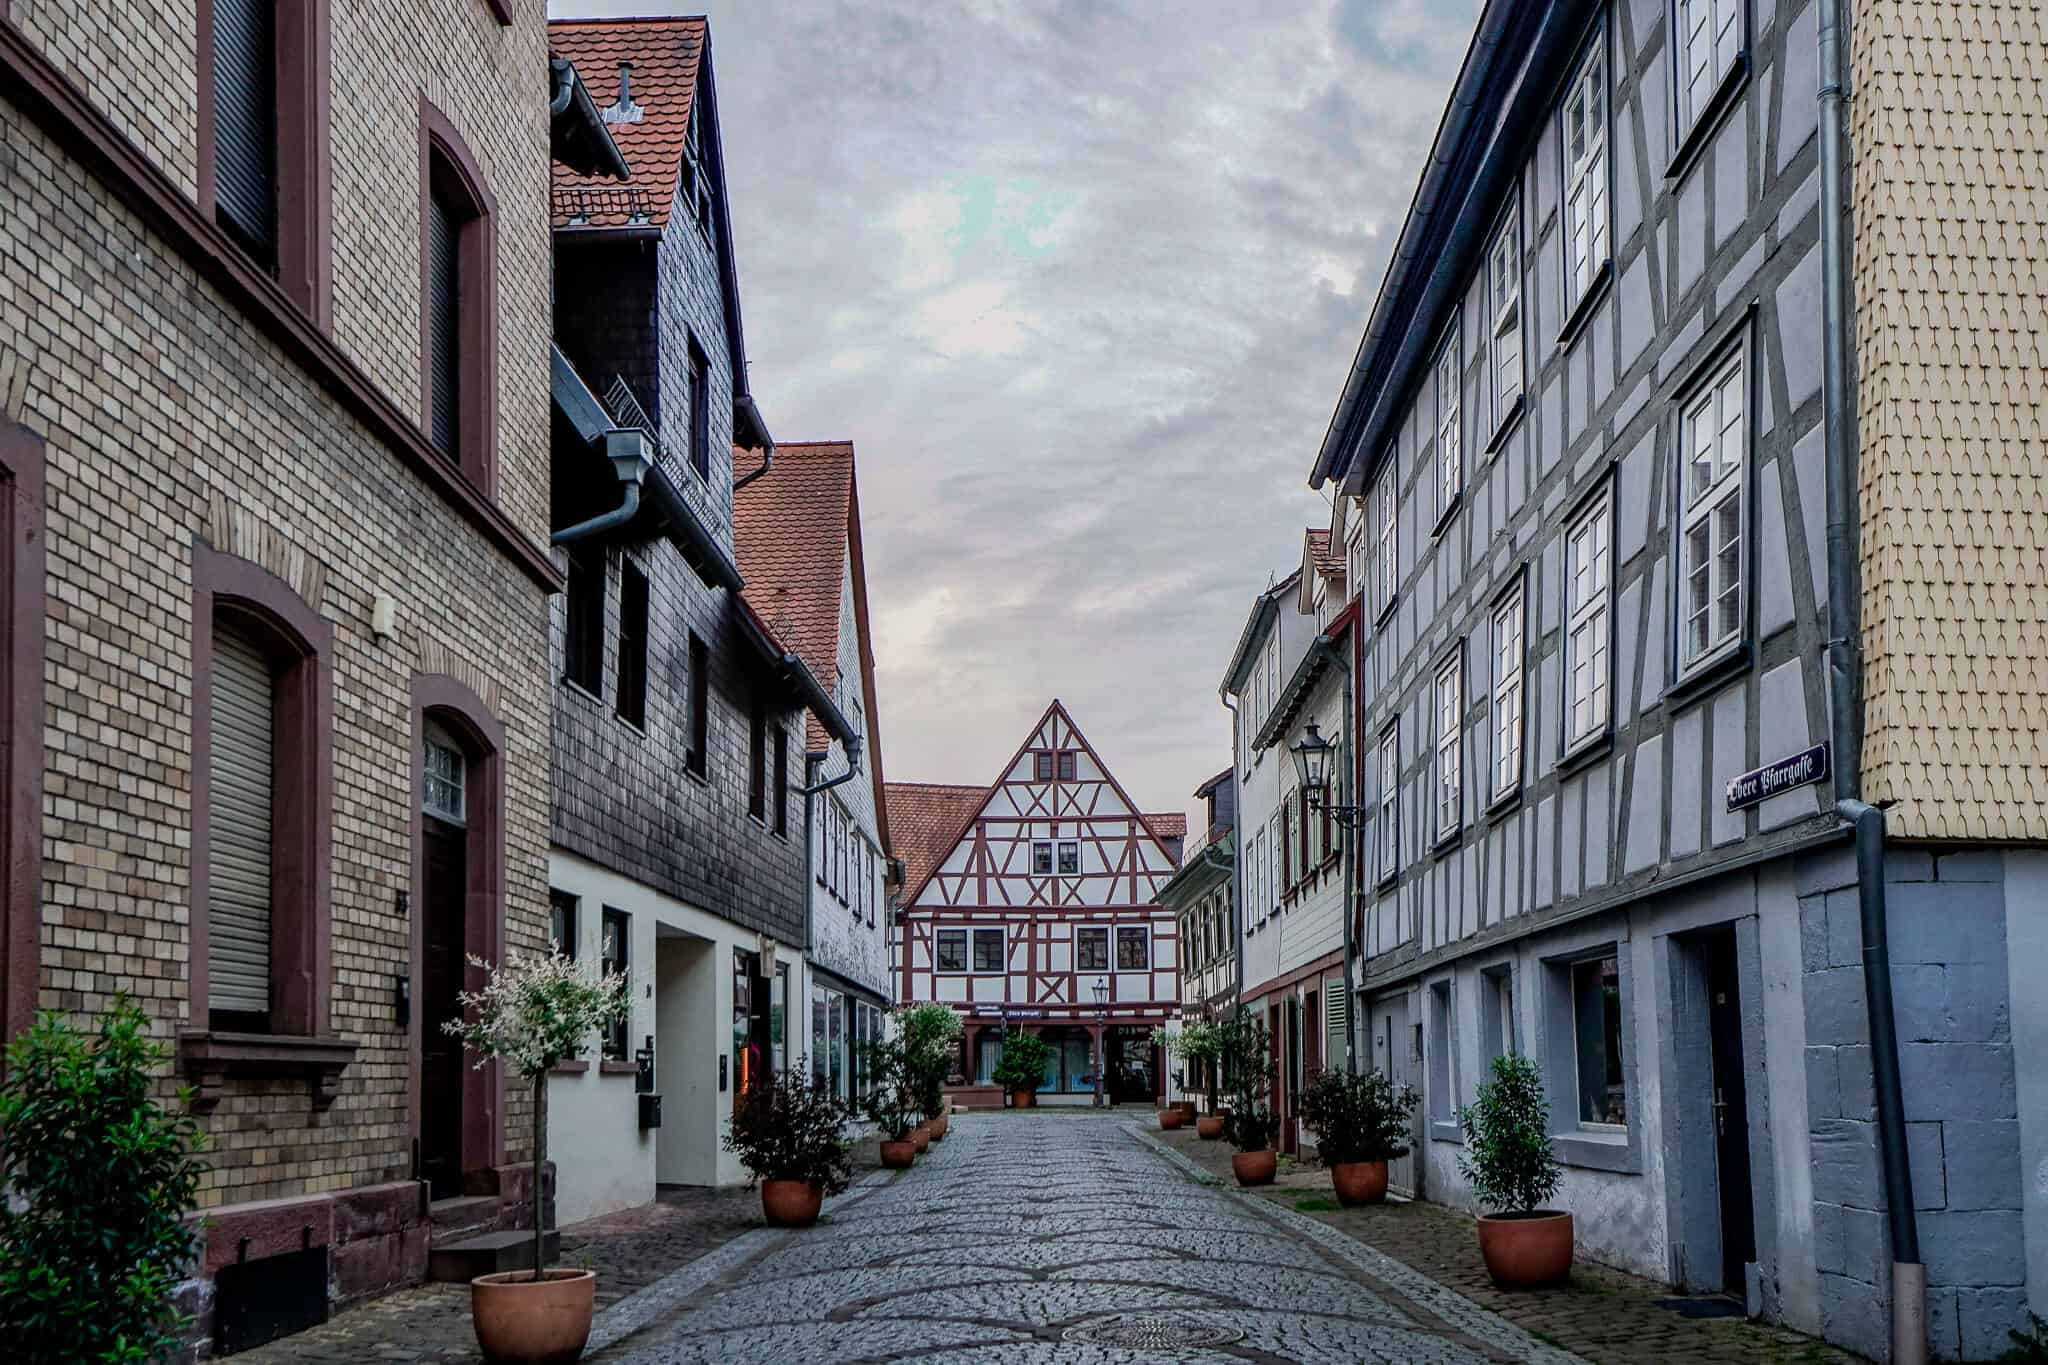 Altstadt Michelstadt